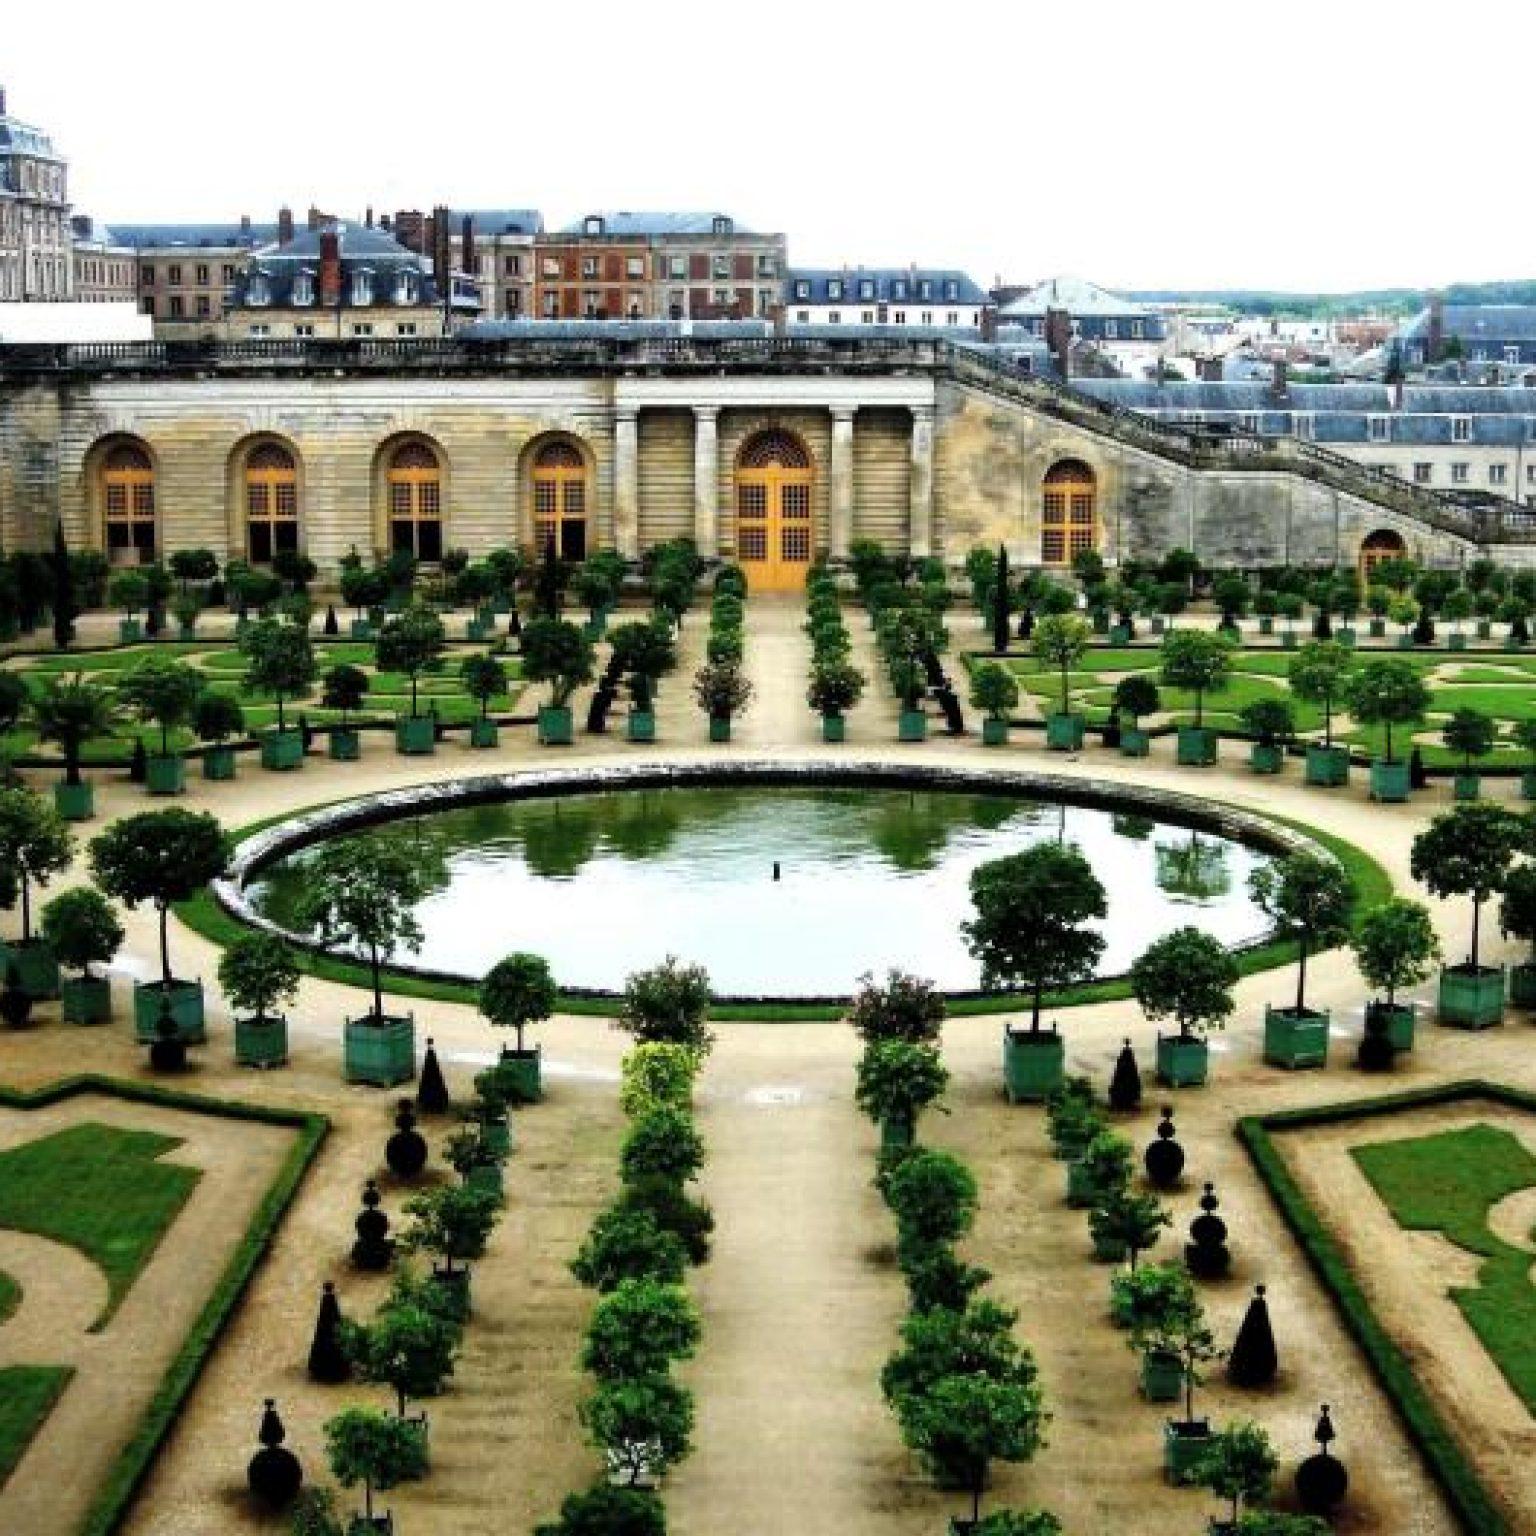 Что посмотреть в окрестностях Парижа: Версаль